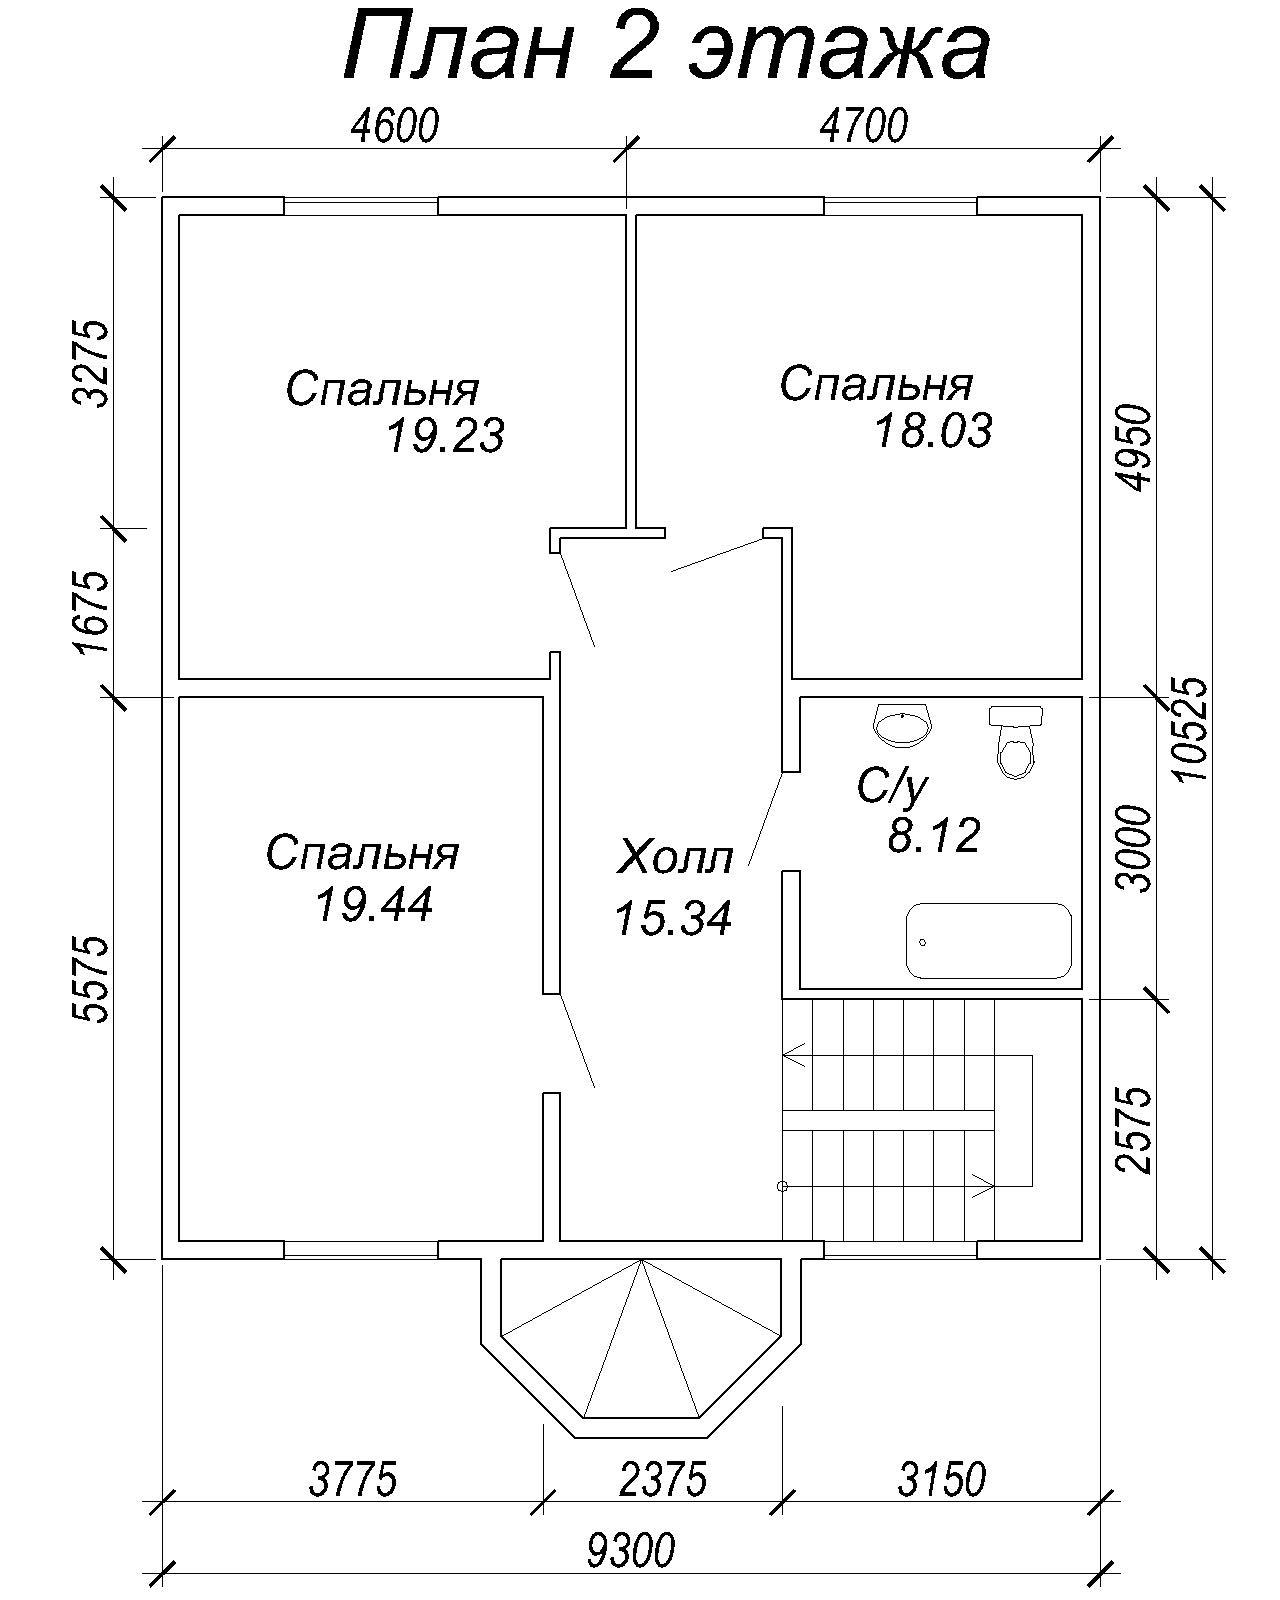 karkasniy-dom-261671321